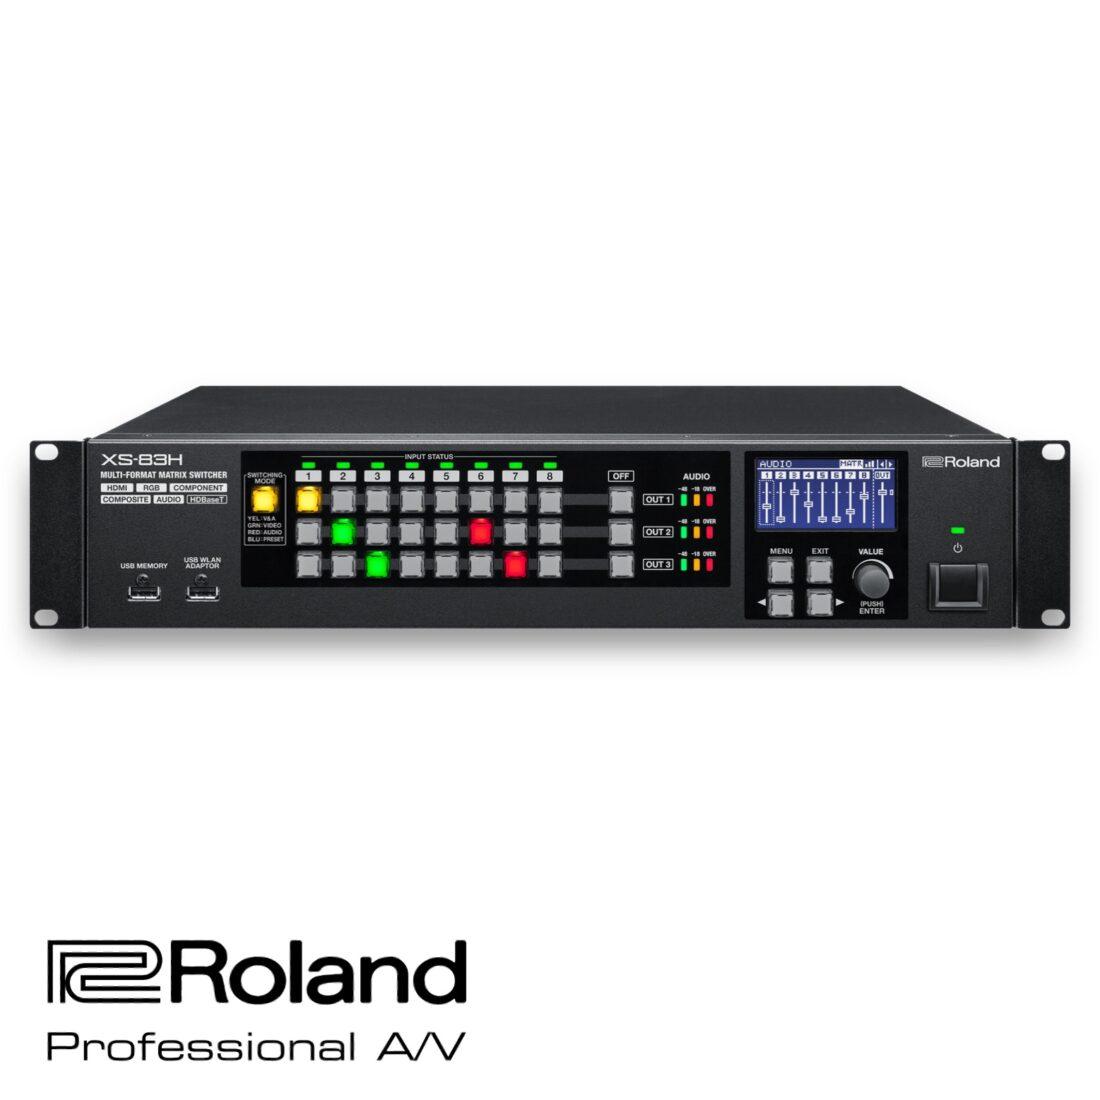 Roland XS-83H